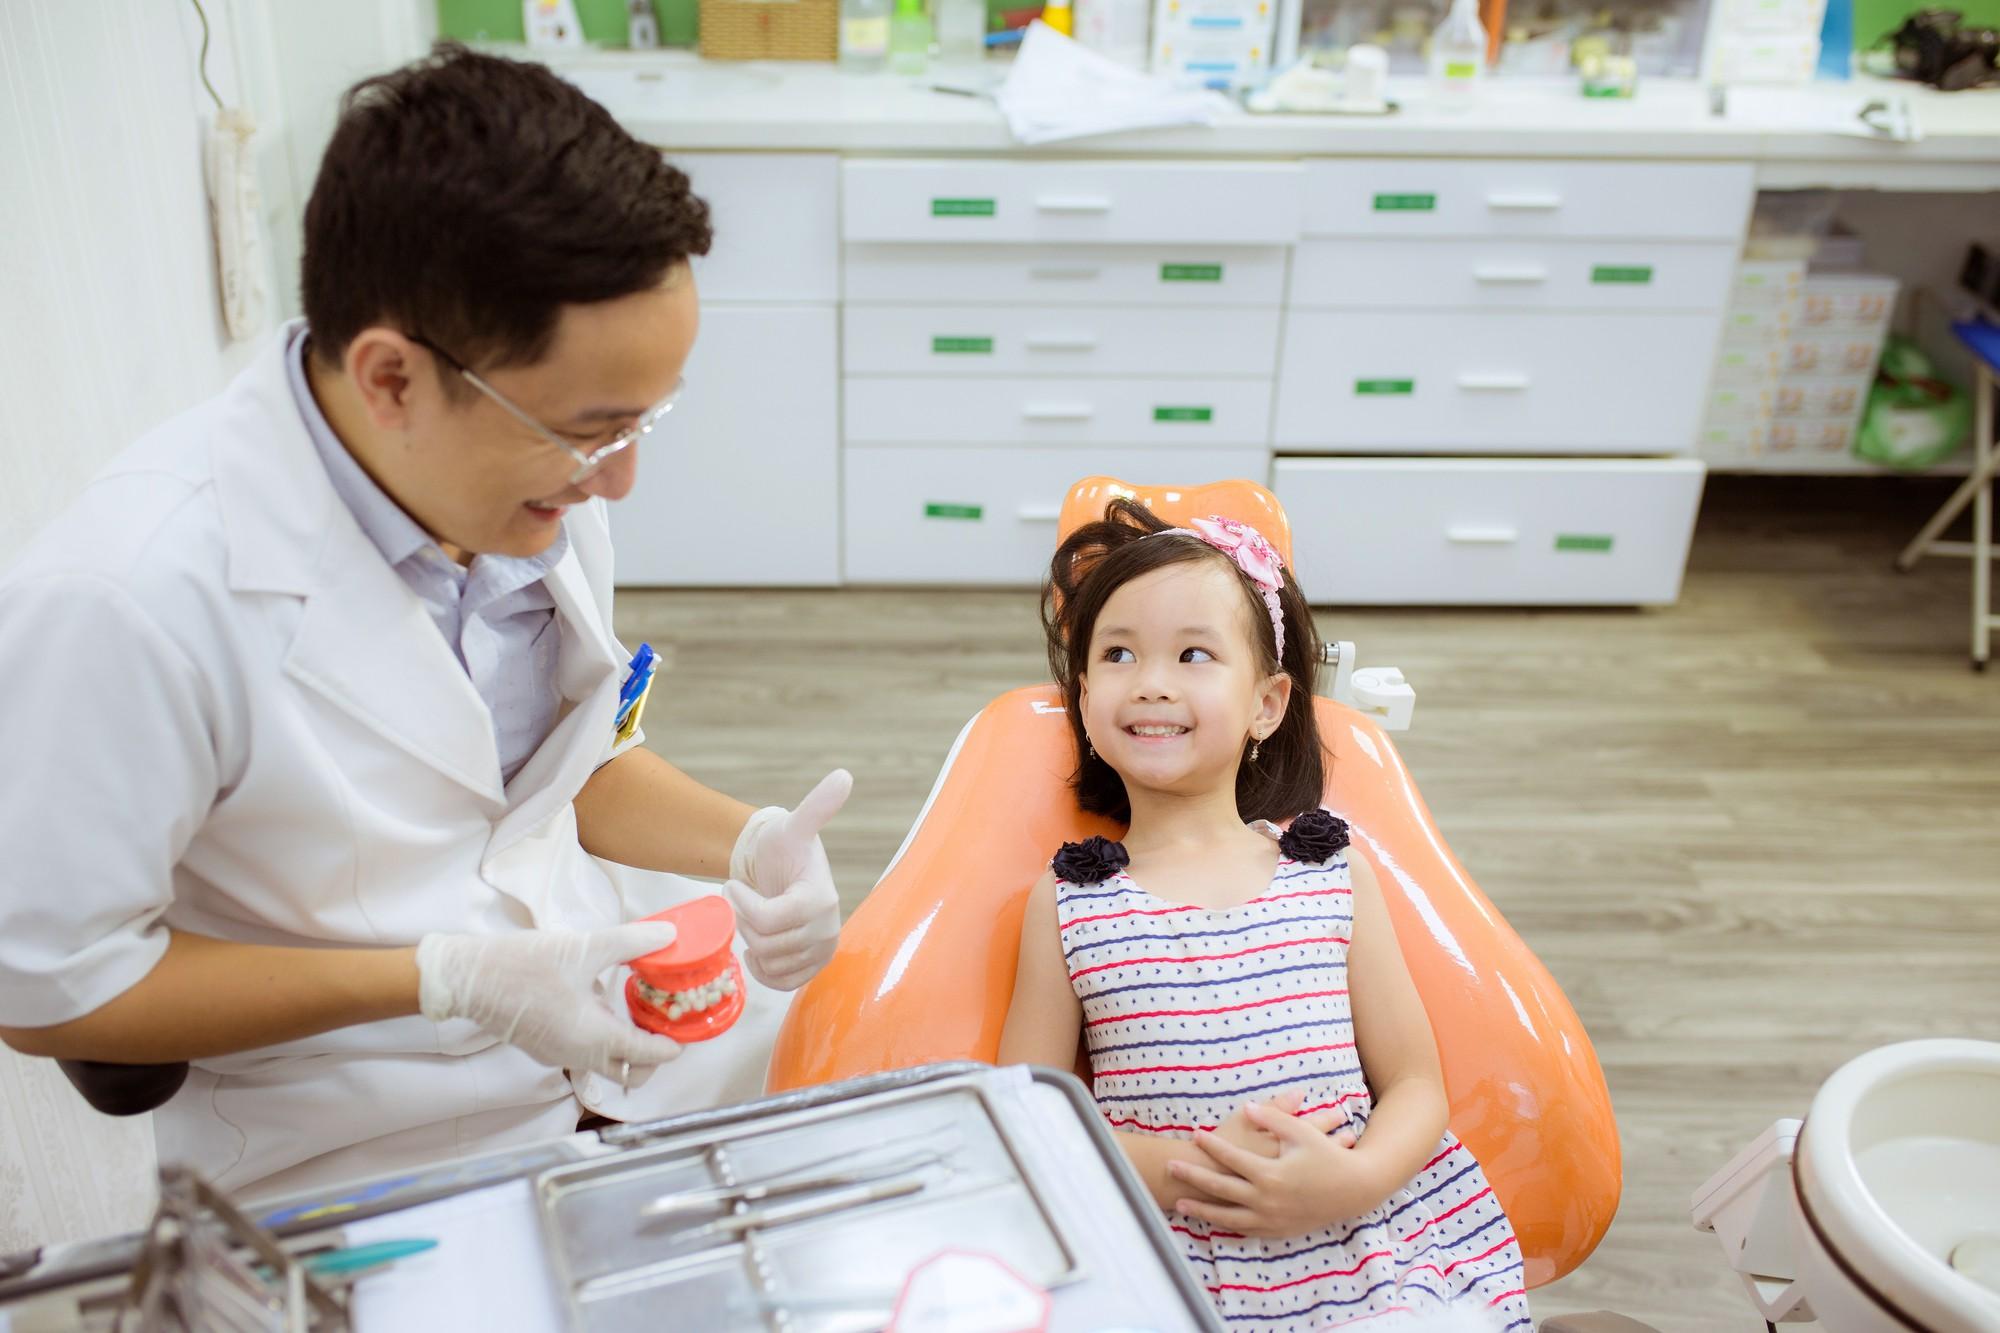 Nhiều biến chứng khôn lường từ việc bố mẹ tự nhổ răng sữa cho con tại nhà